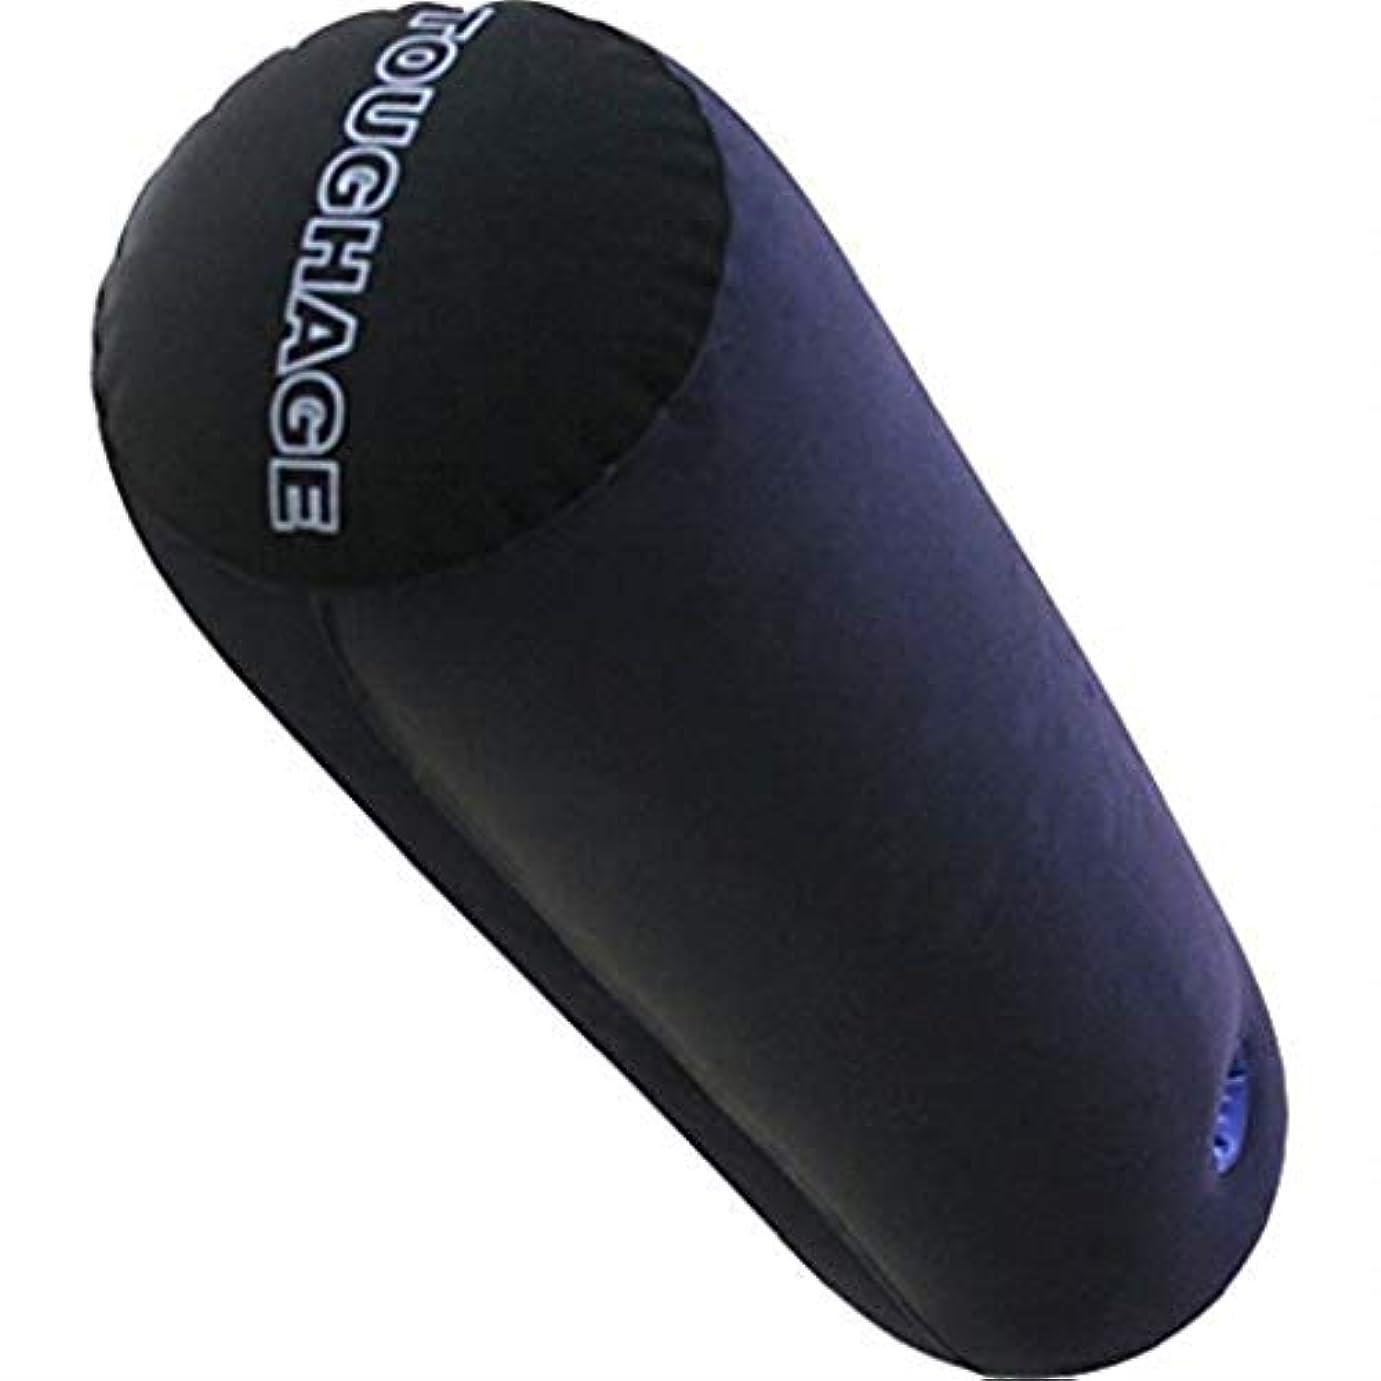 締める正確さハリケーンRisareyi 携帯用ソファーの枕、睡眠のための円形の首の枕、首の苦痛救助、シリンダー支え枕、クッションカバー家/寝室